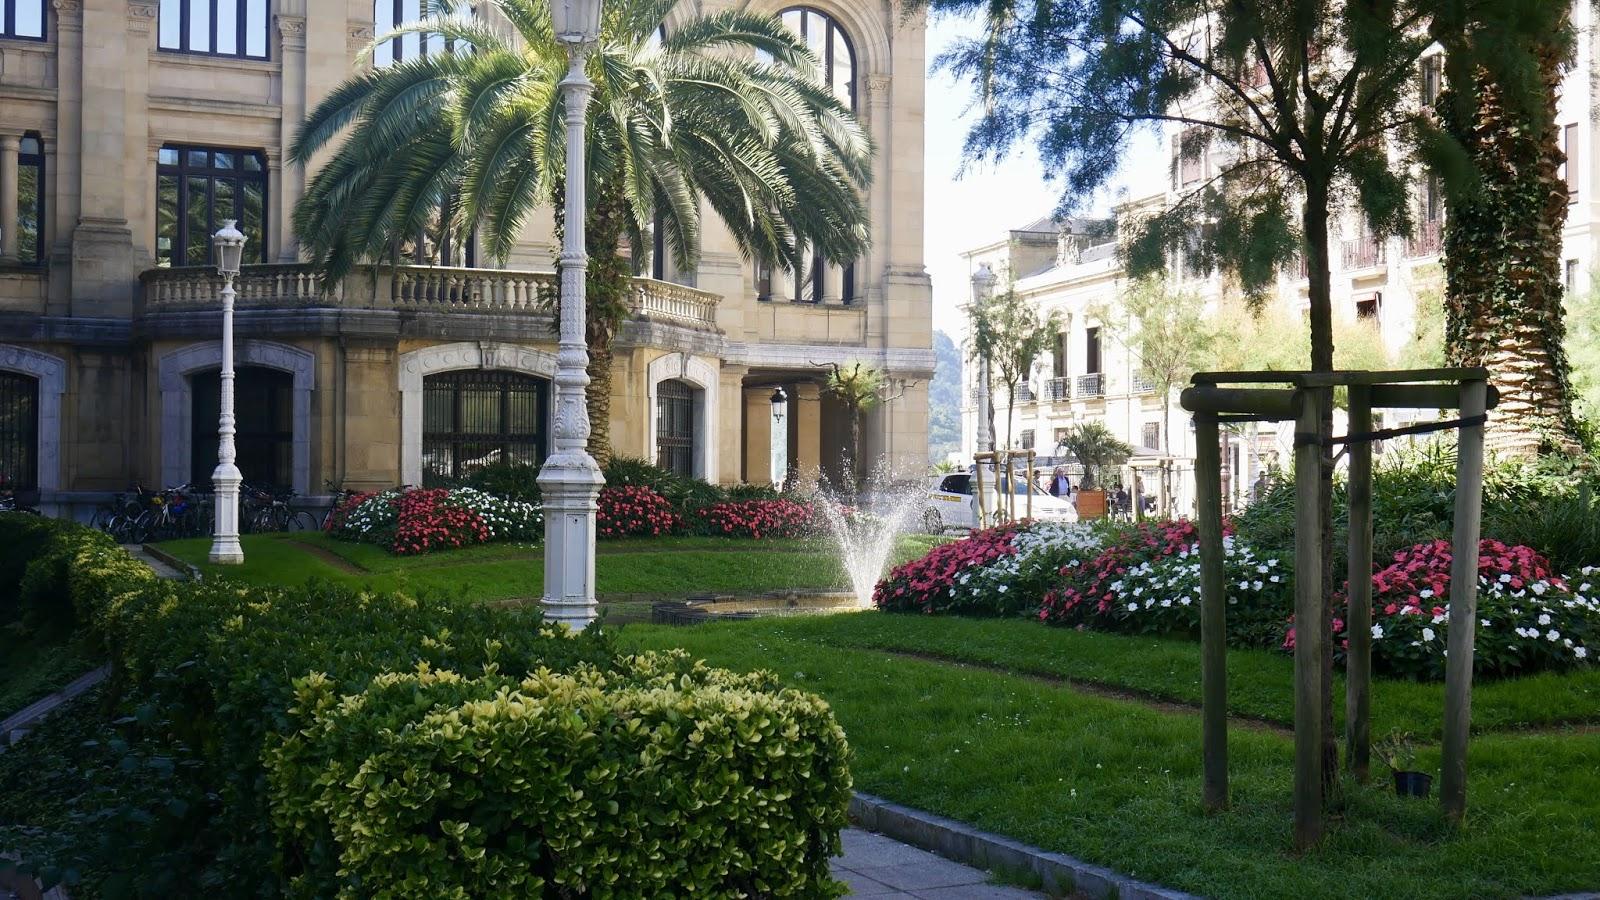 Parc bibliothèque municipale Saint-Sébastien Pays Basque Espagne